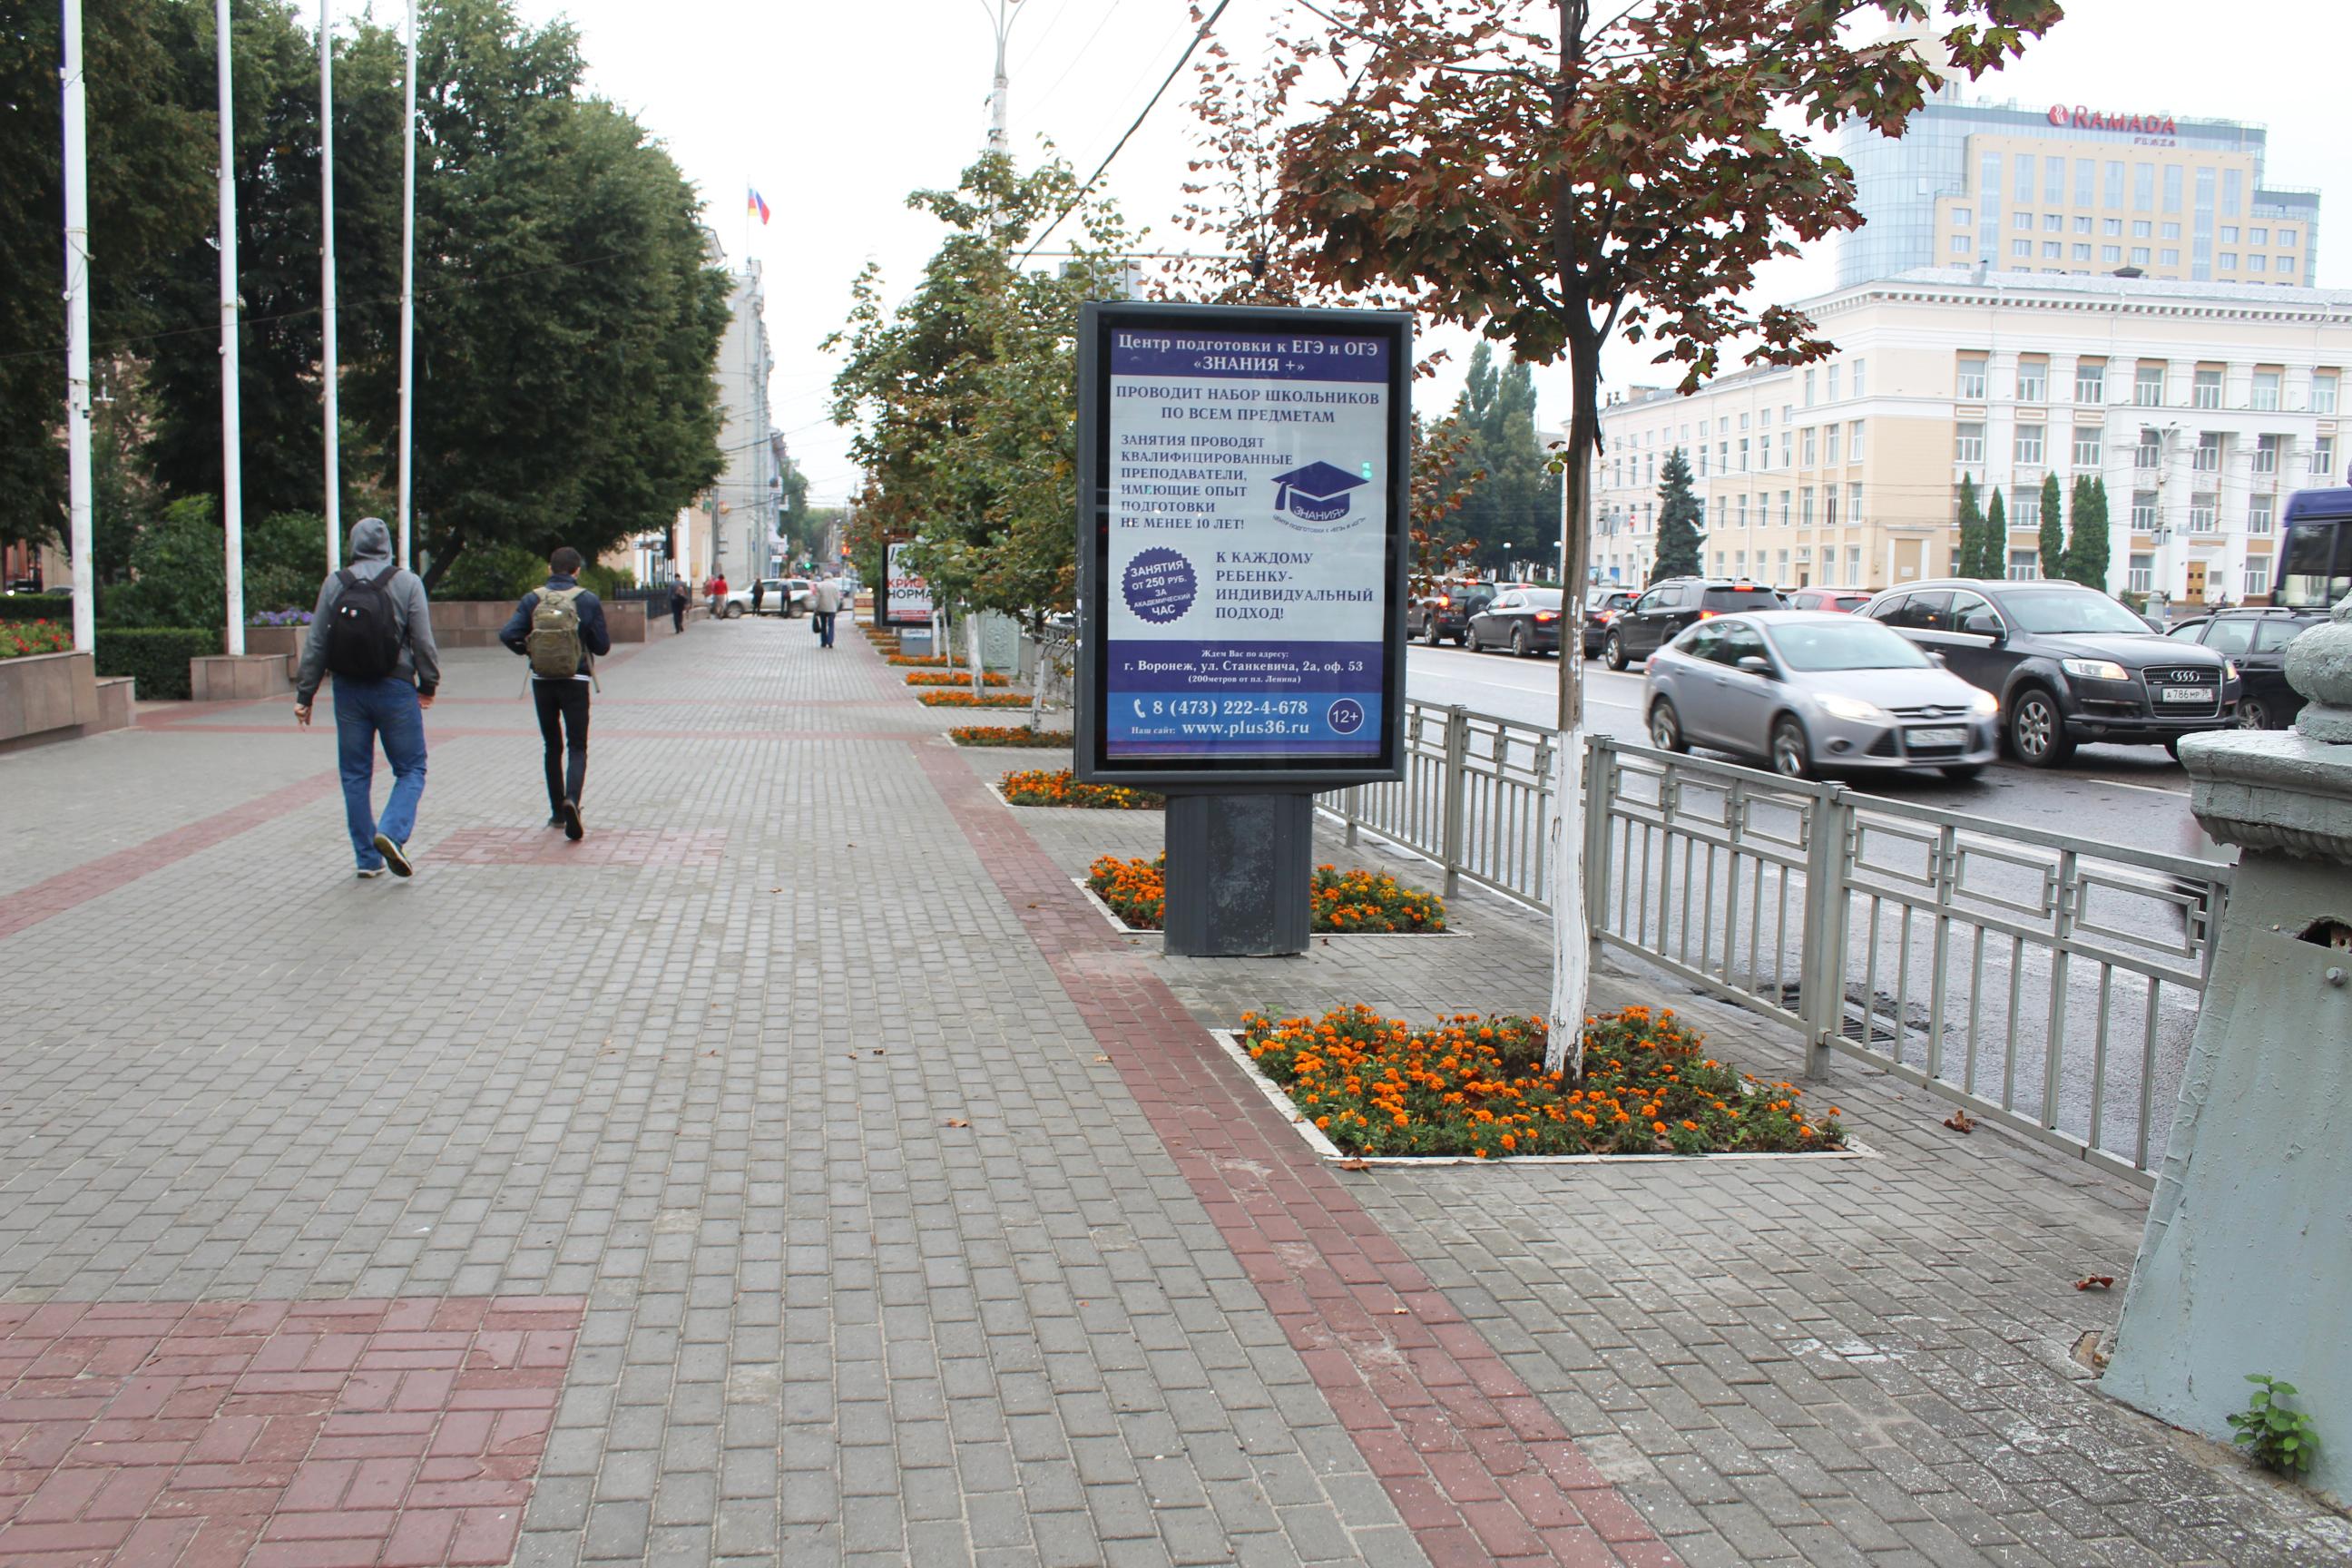 138В Пл. Ленина - Кольцовский сквер поз. 21. (2)